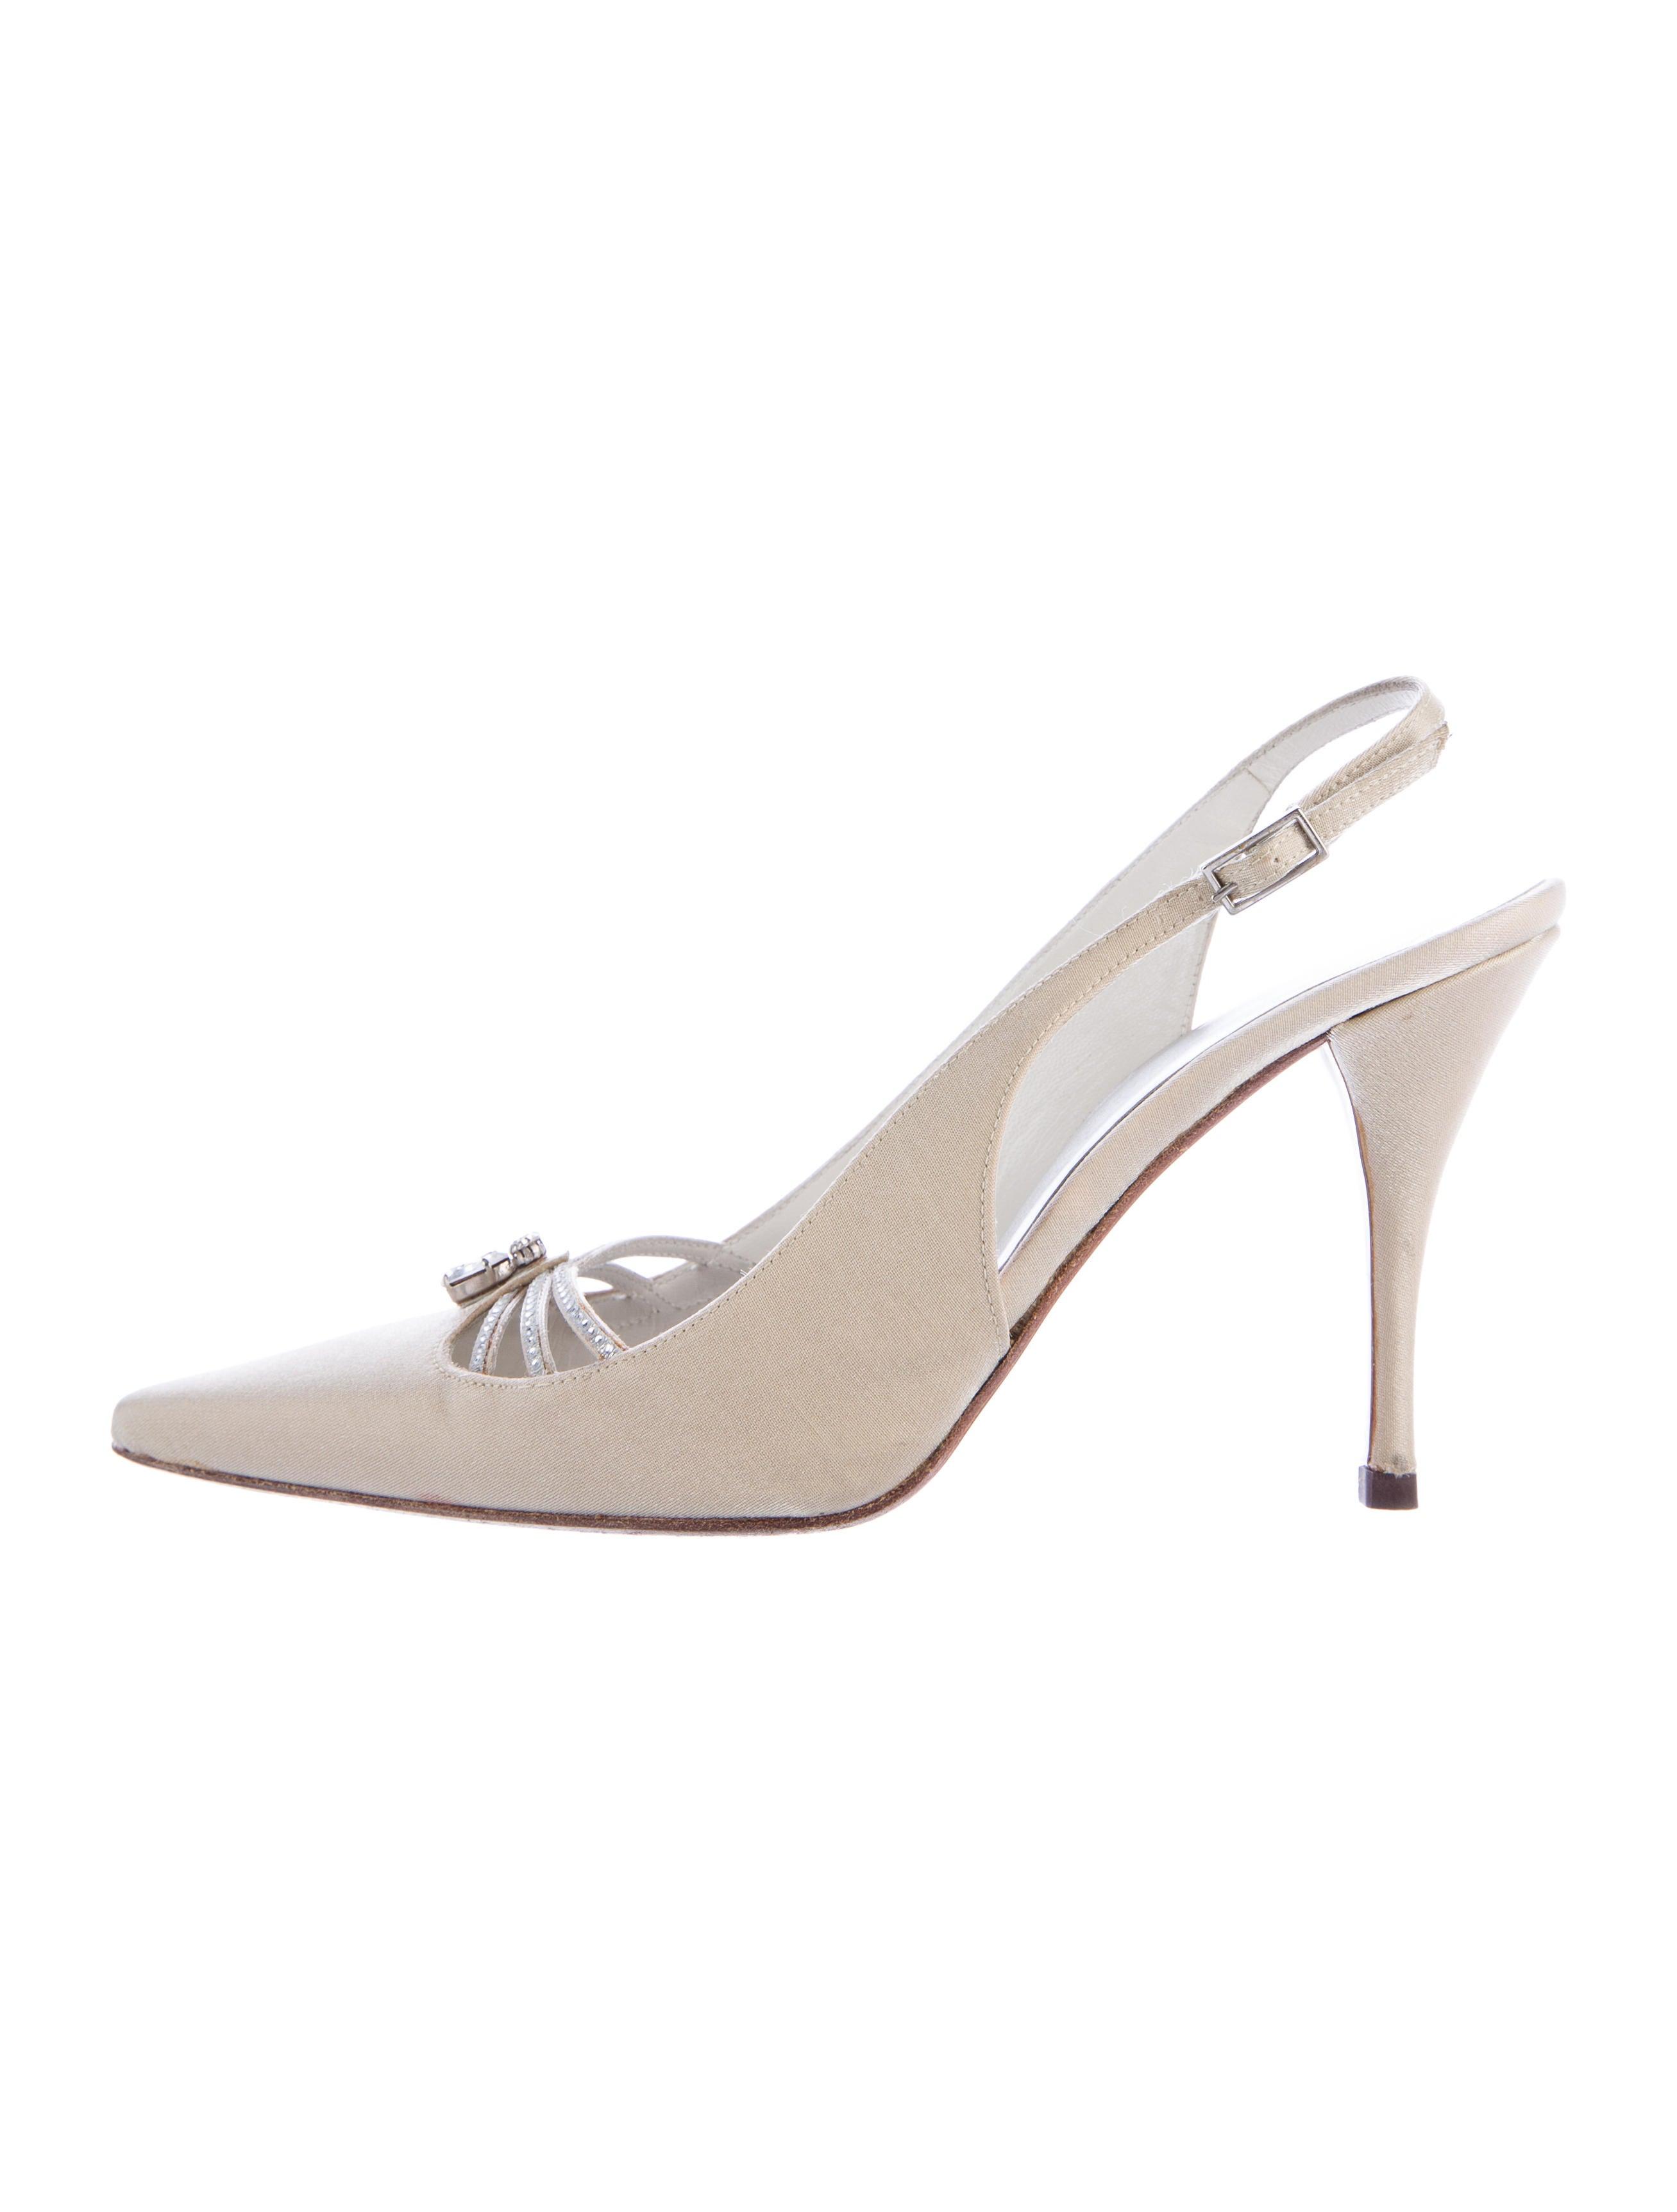 stuart weitzman embellished satin pumps shoes wsu28150. Black Bedroom Furniture Sets. Home Design Ideas